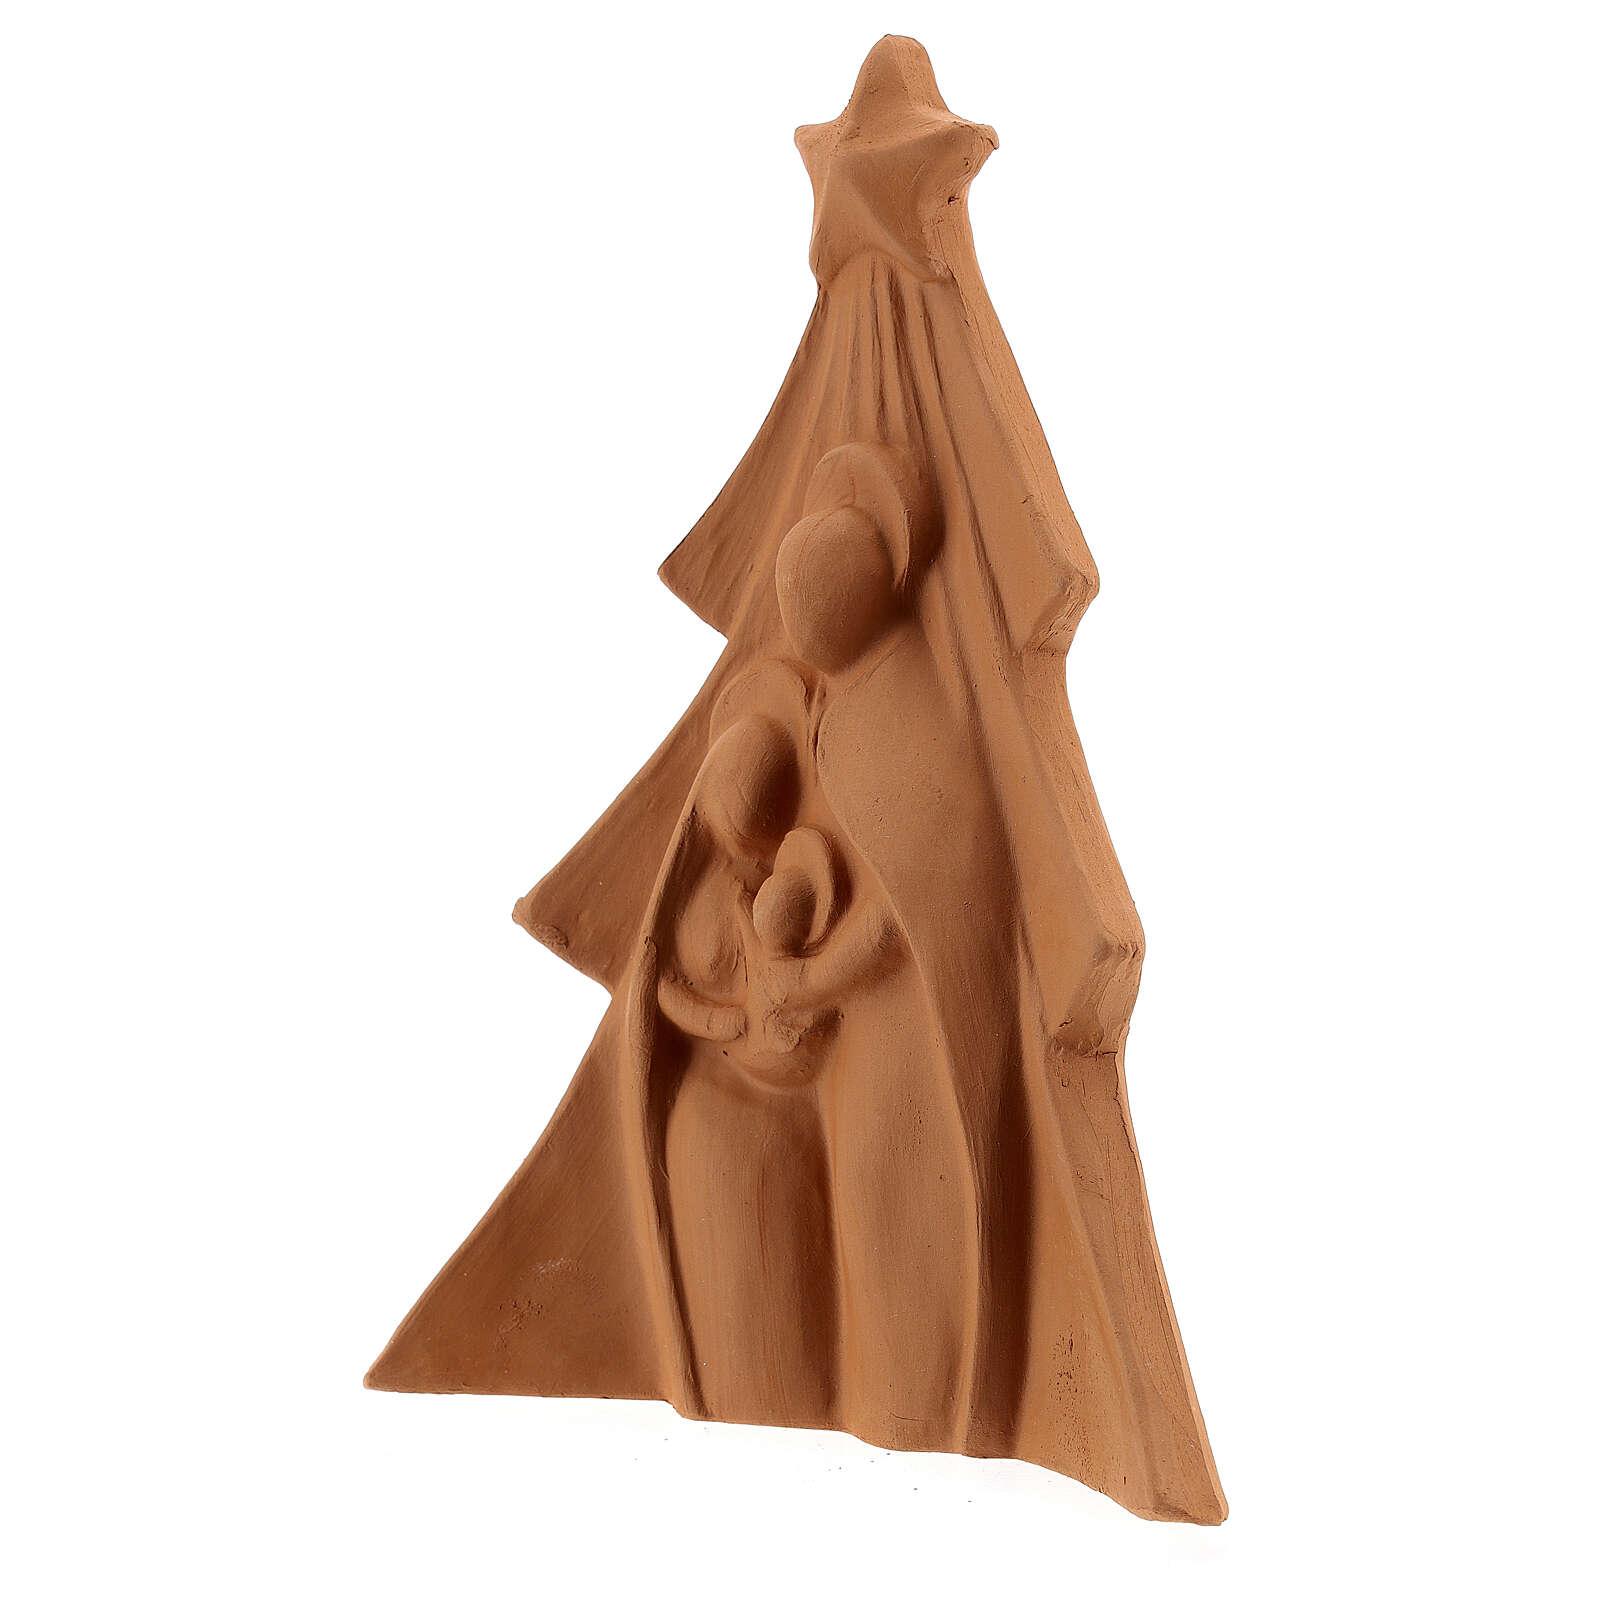 Composizione terracotta naturale Albero Sacra Famiglia Deruta 19 cm 4